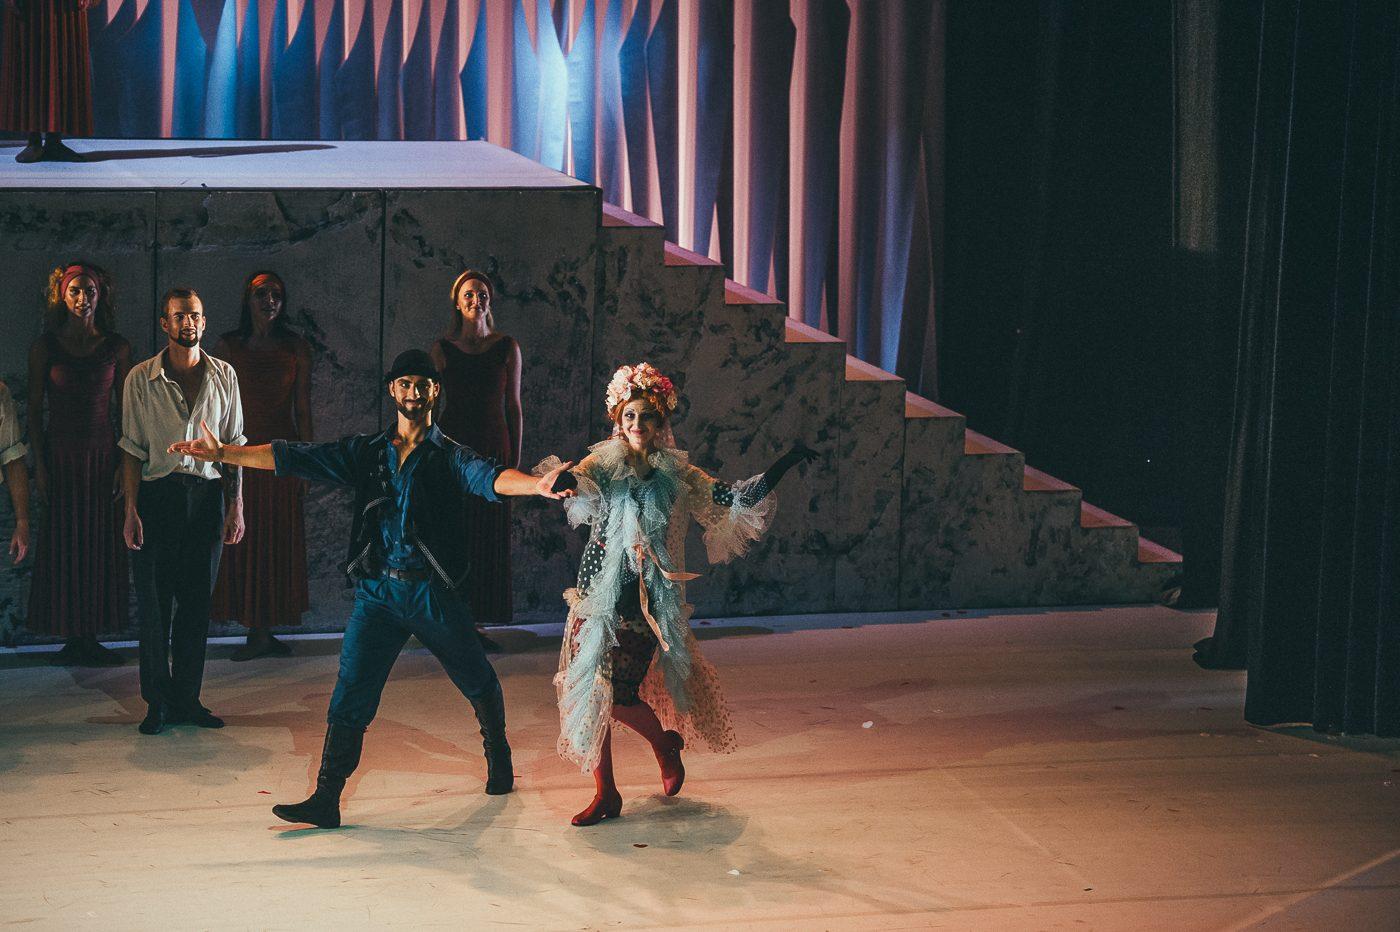 Premjera Zorba Muzikinis Teatras E.sabaliauskaite 058